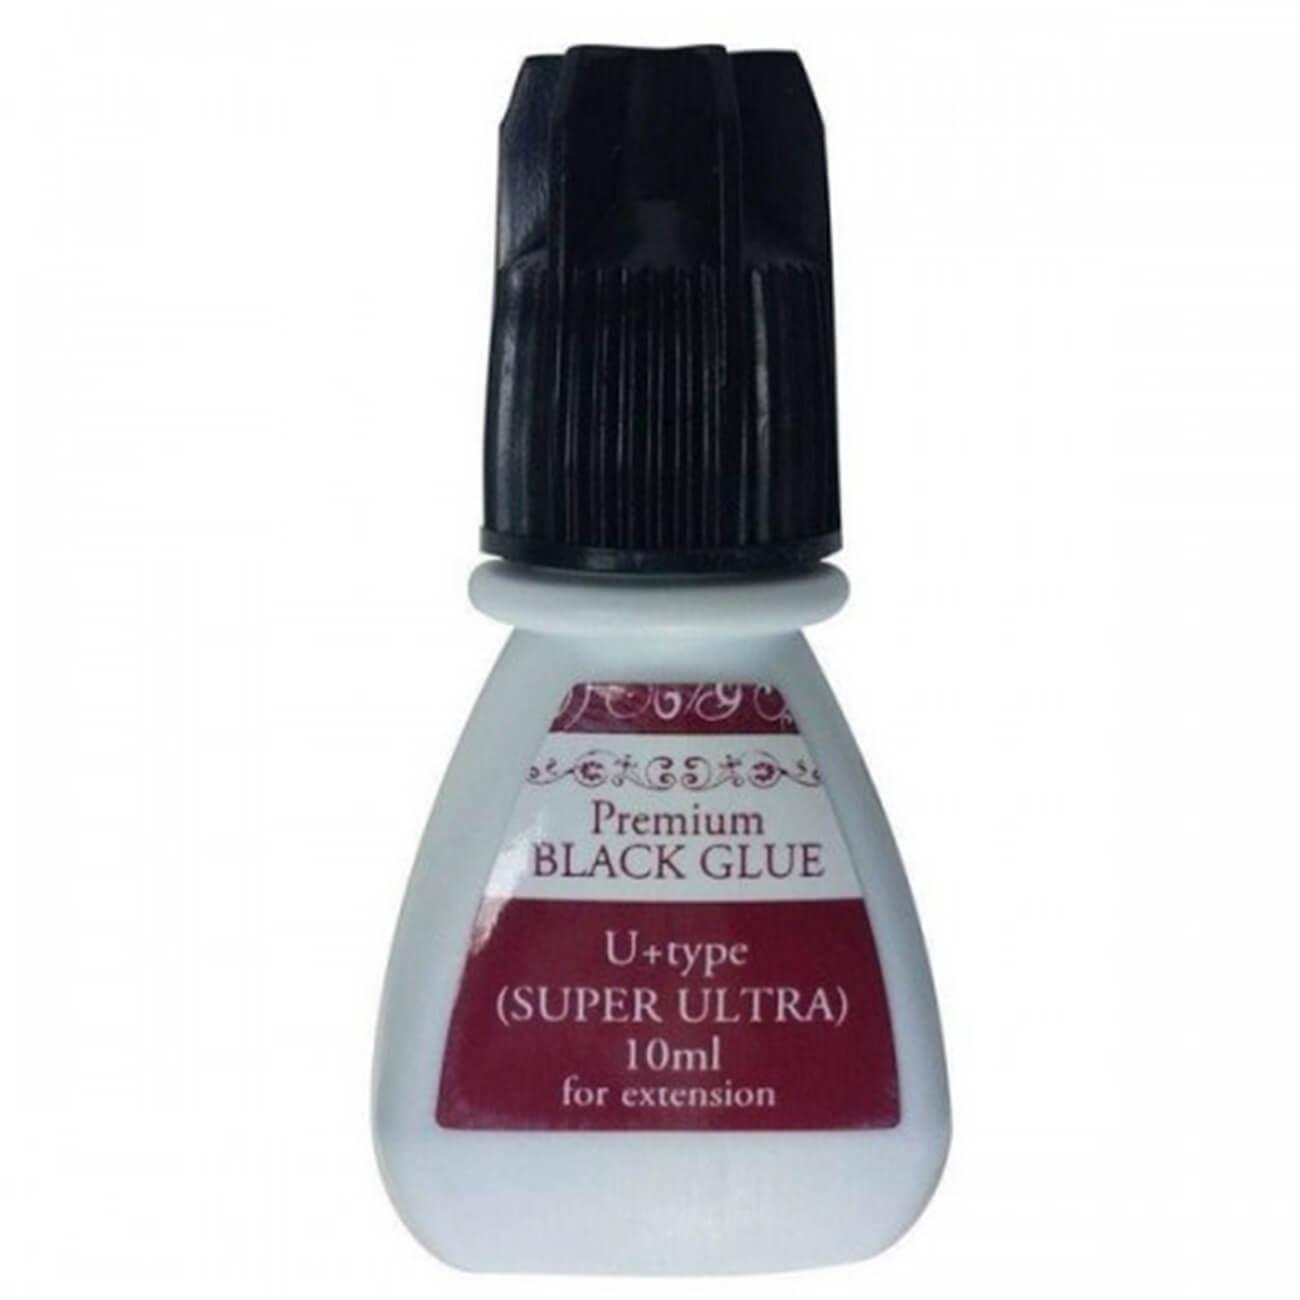 Cola Premium Black Glue - 10ml